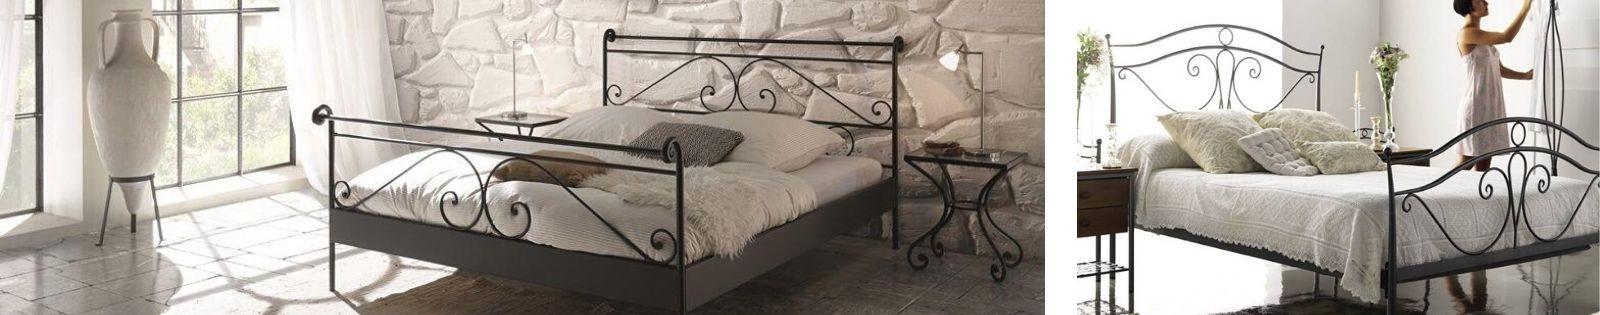 Lit en Fer Forgé : meubles pour la chambre de très bonne qualité.